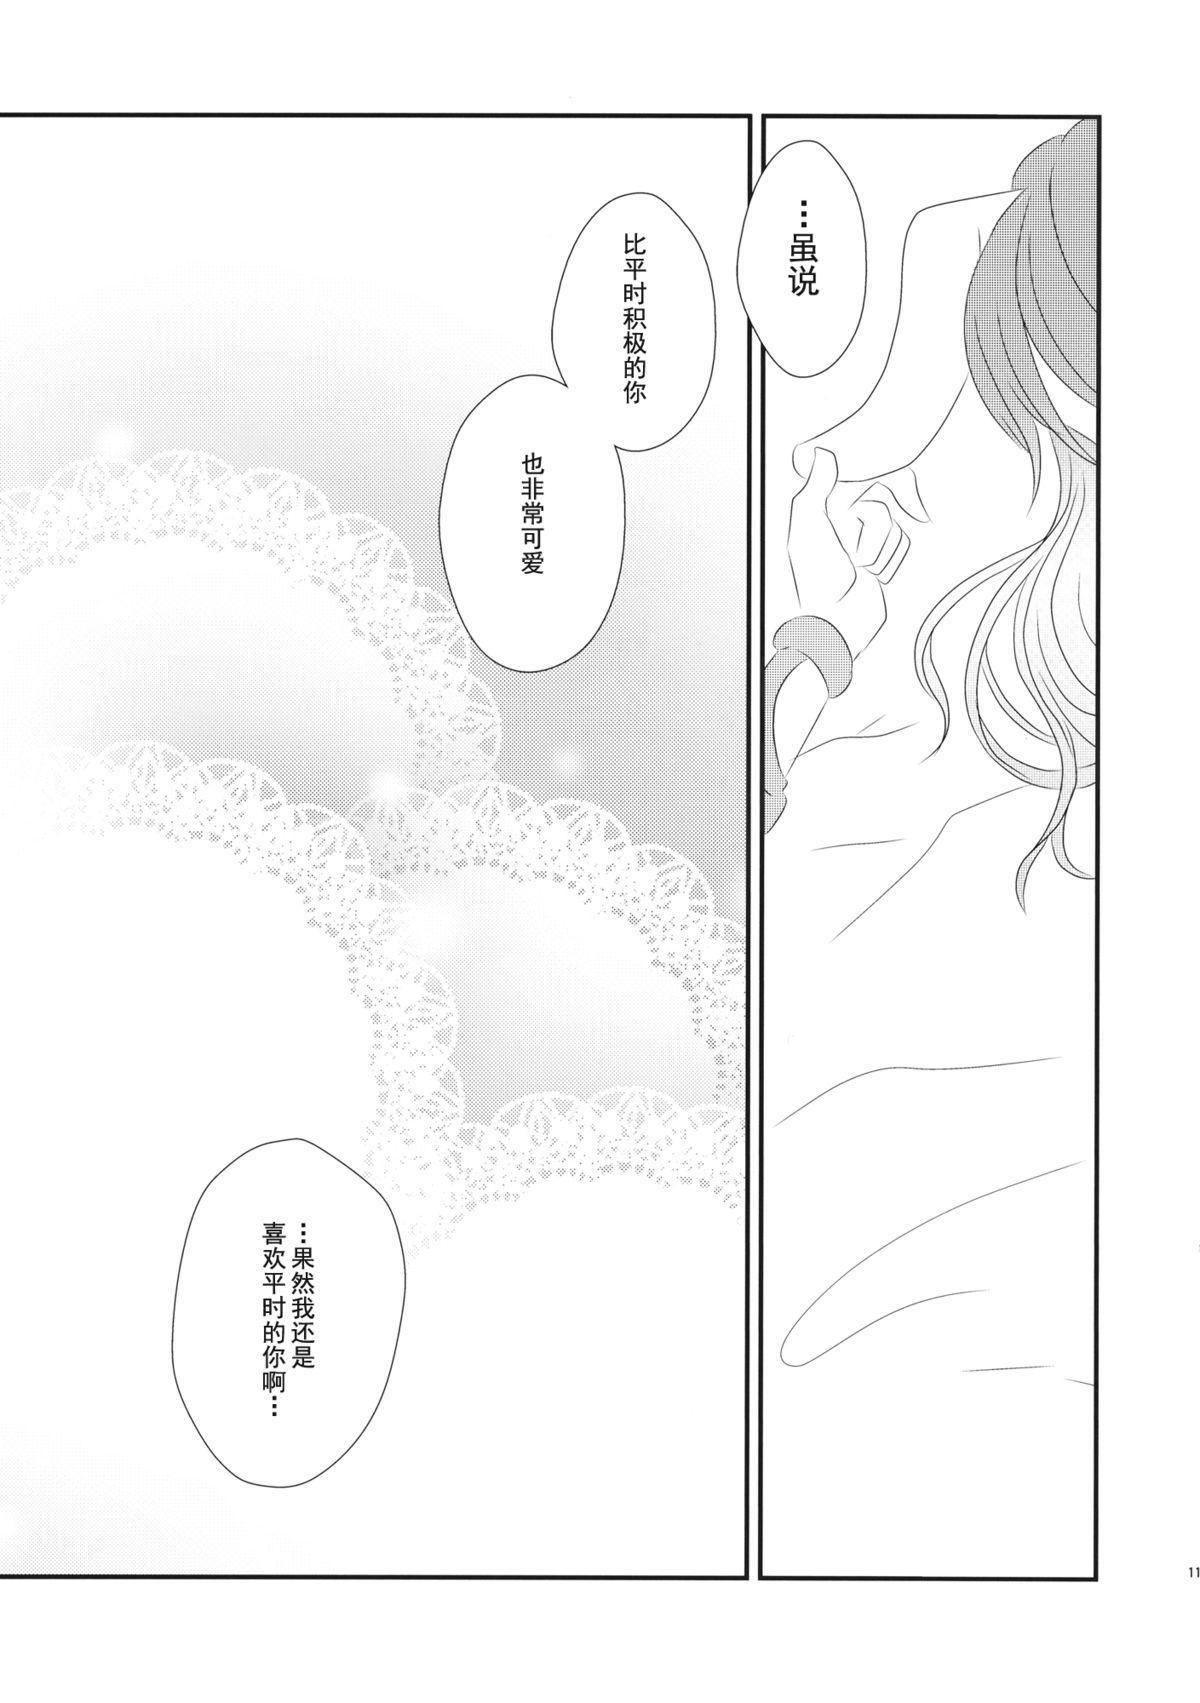 Hatsujou Usagi no Shitsukekata 12